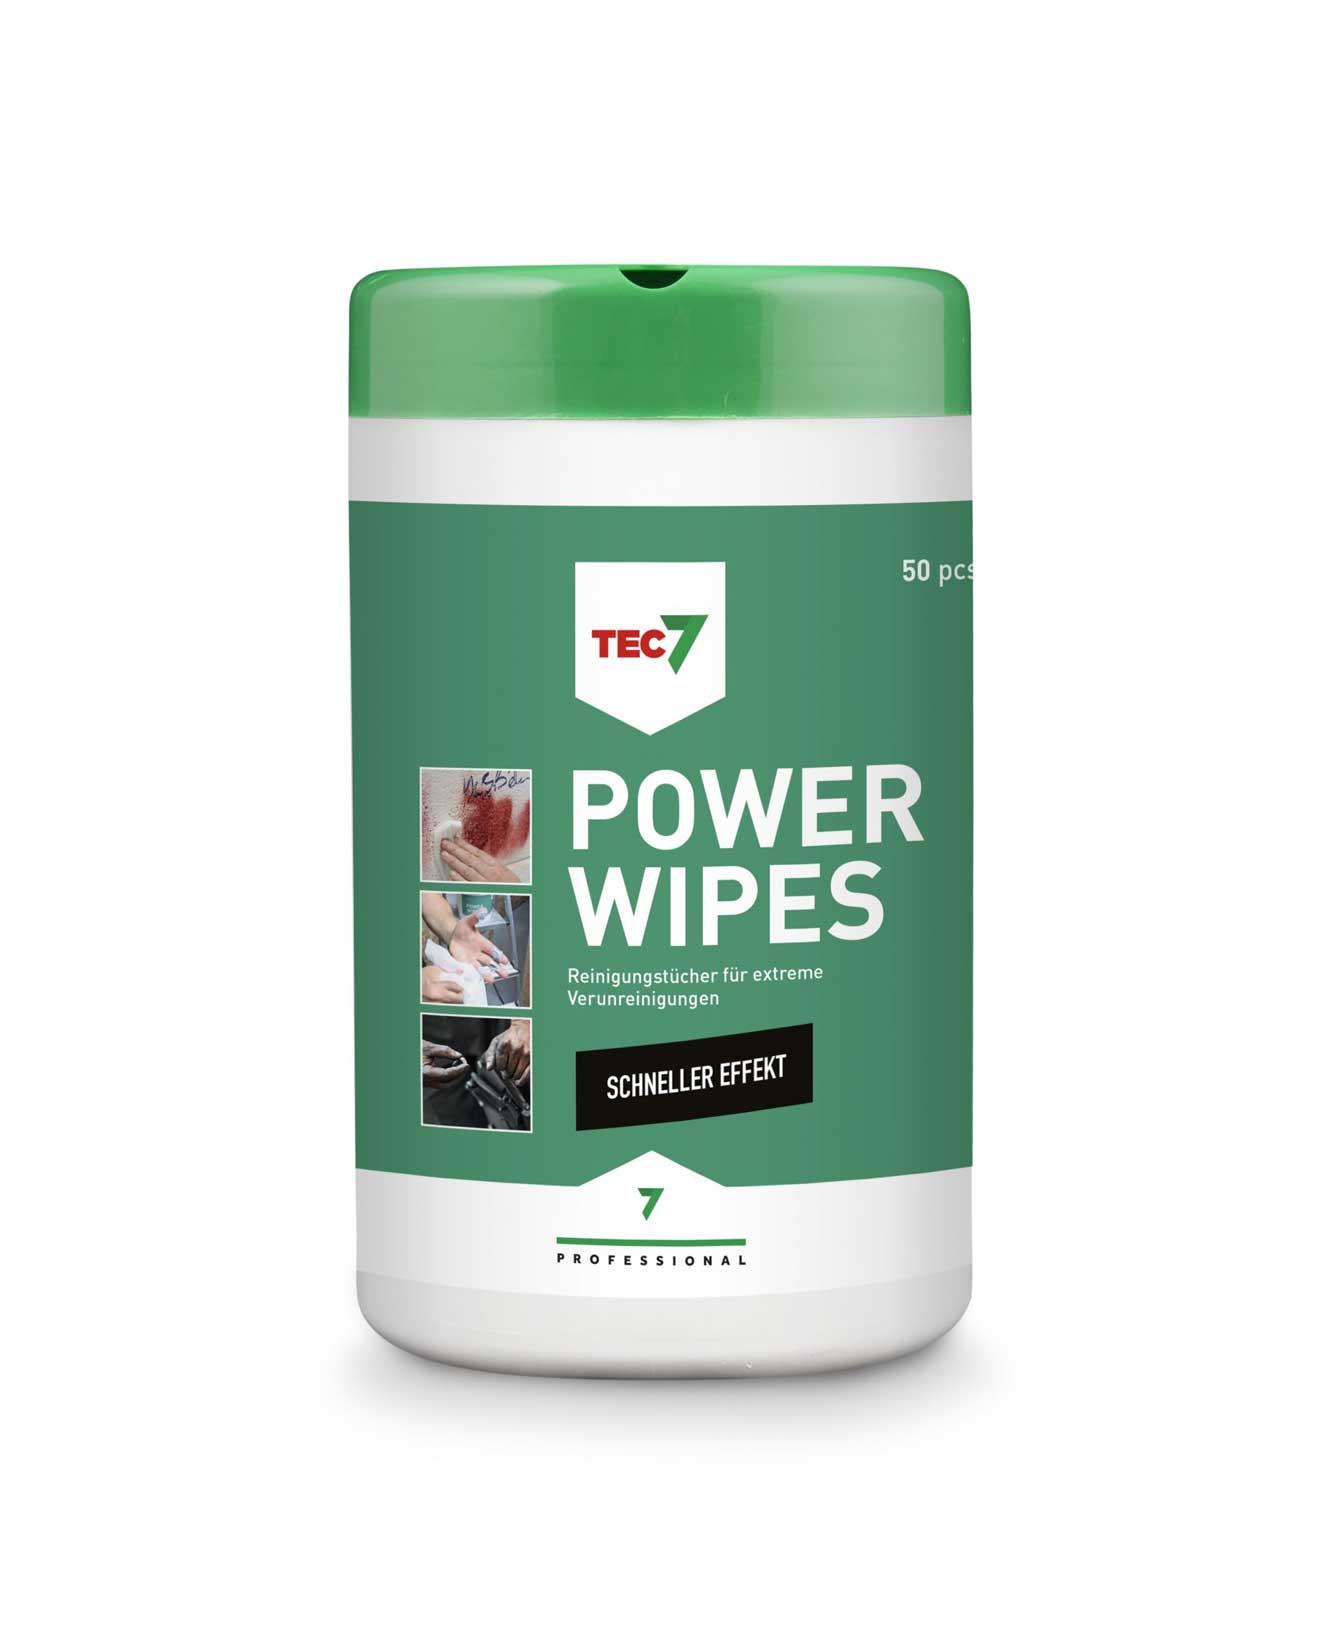 Power Wipes - Reinigungstücher für extreme Verunreinigung